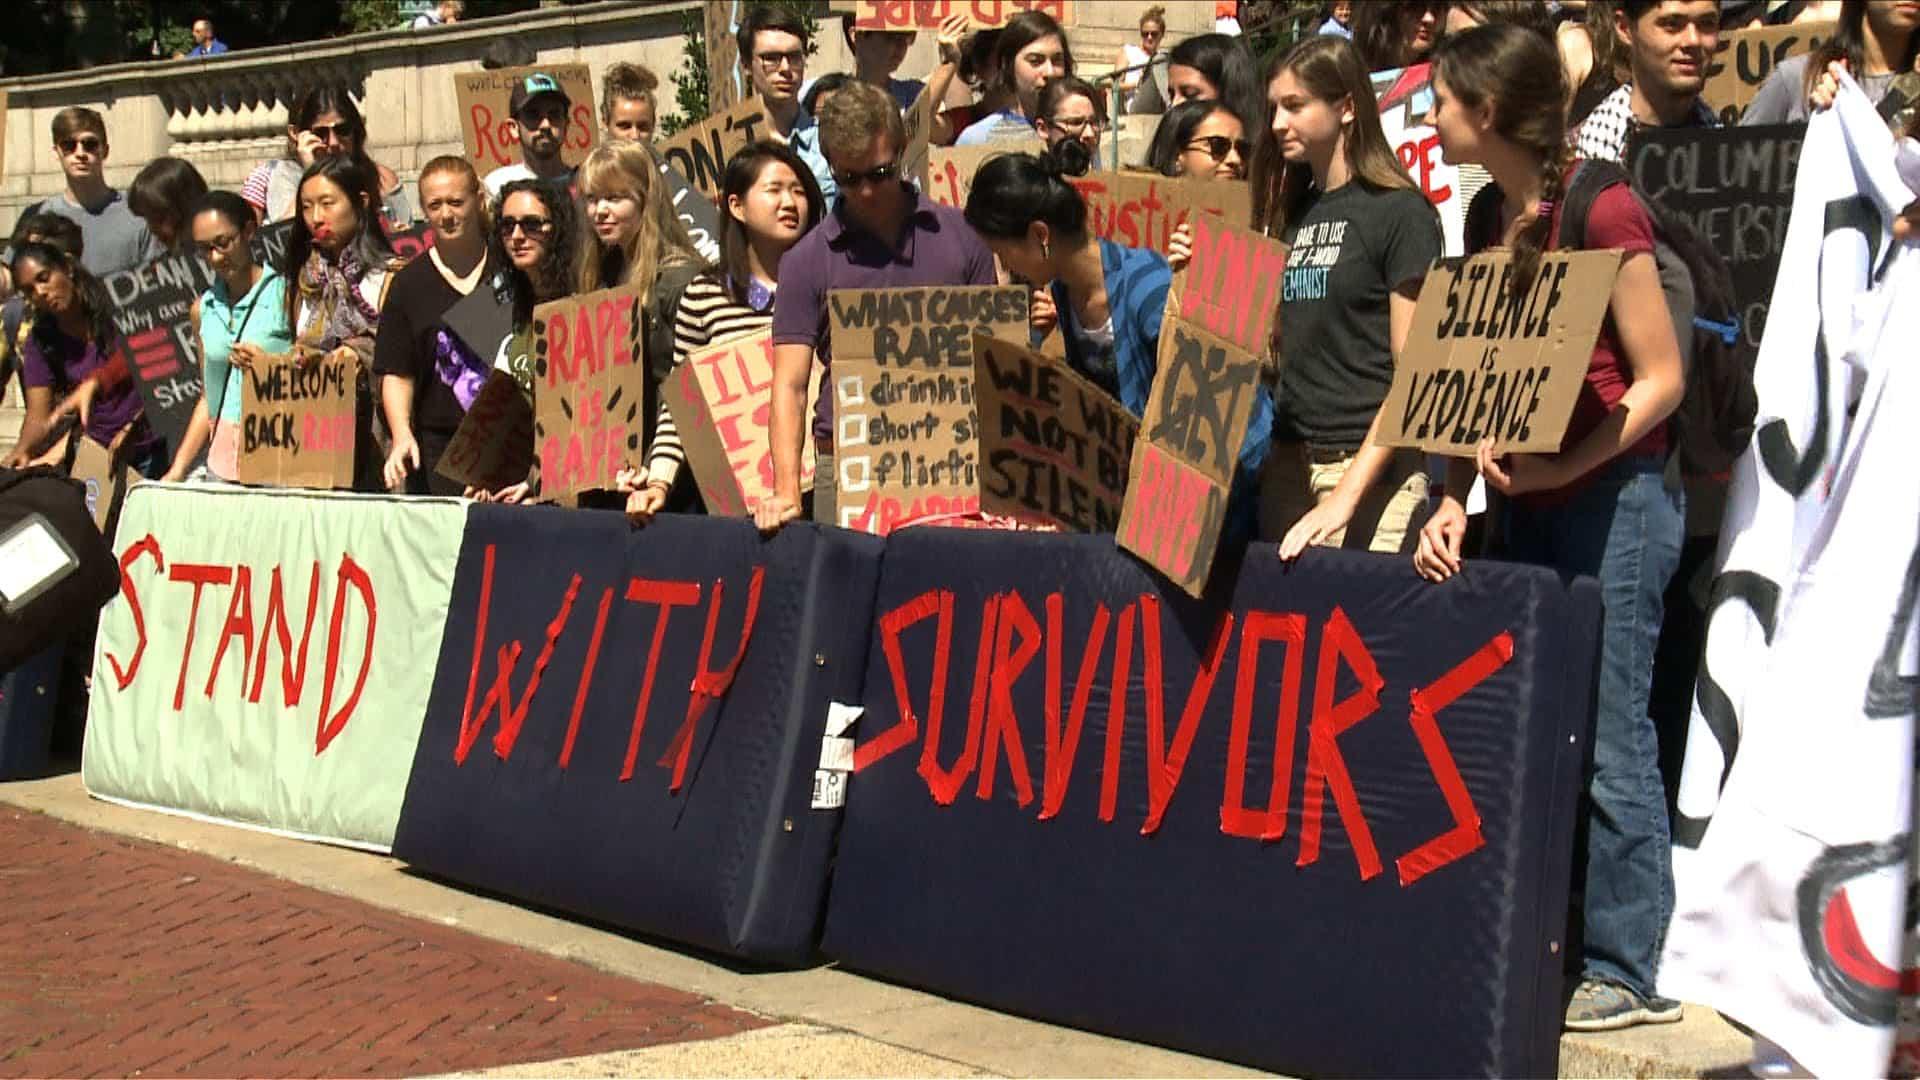 Estudiantes se manifiestan en apoyo a las sobrevivientes de abuso sexual en campus universitarios en Estados Unidos.